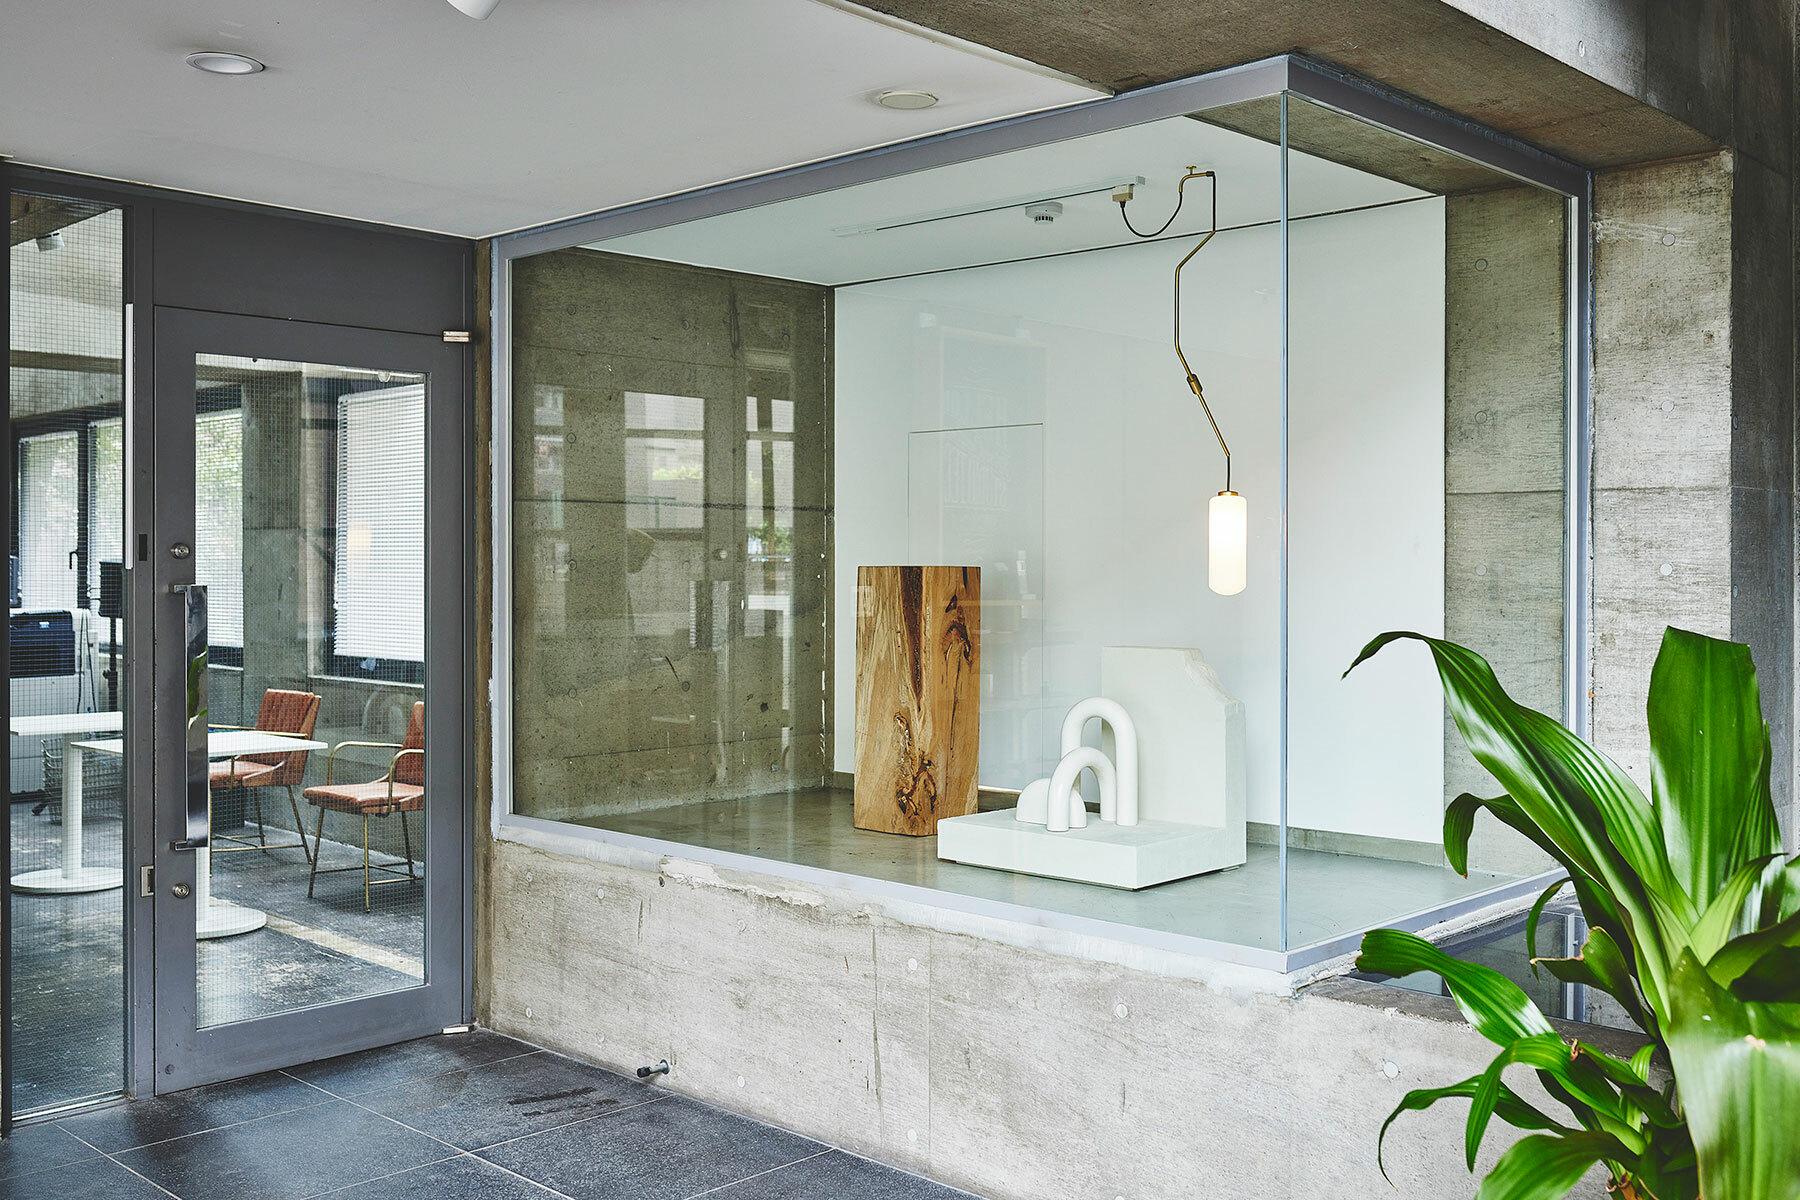 PORCH Shinagawa studio 2F(ポーチ シナガワスタジオ)【Option】2F_Stairs